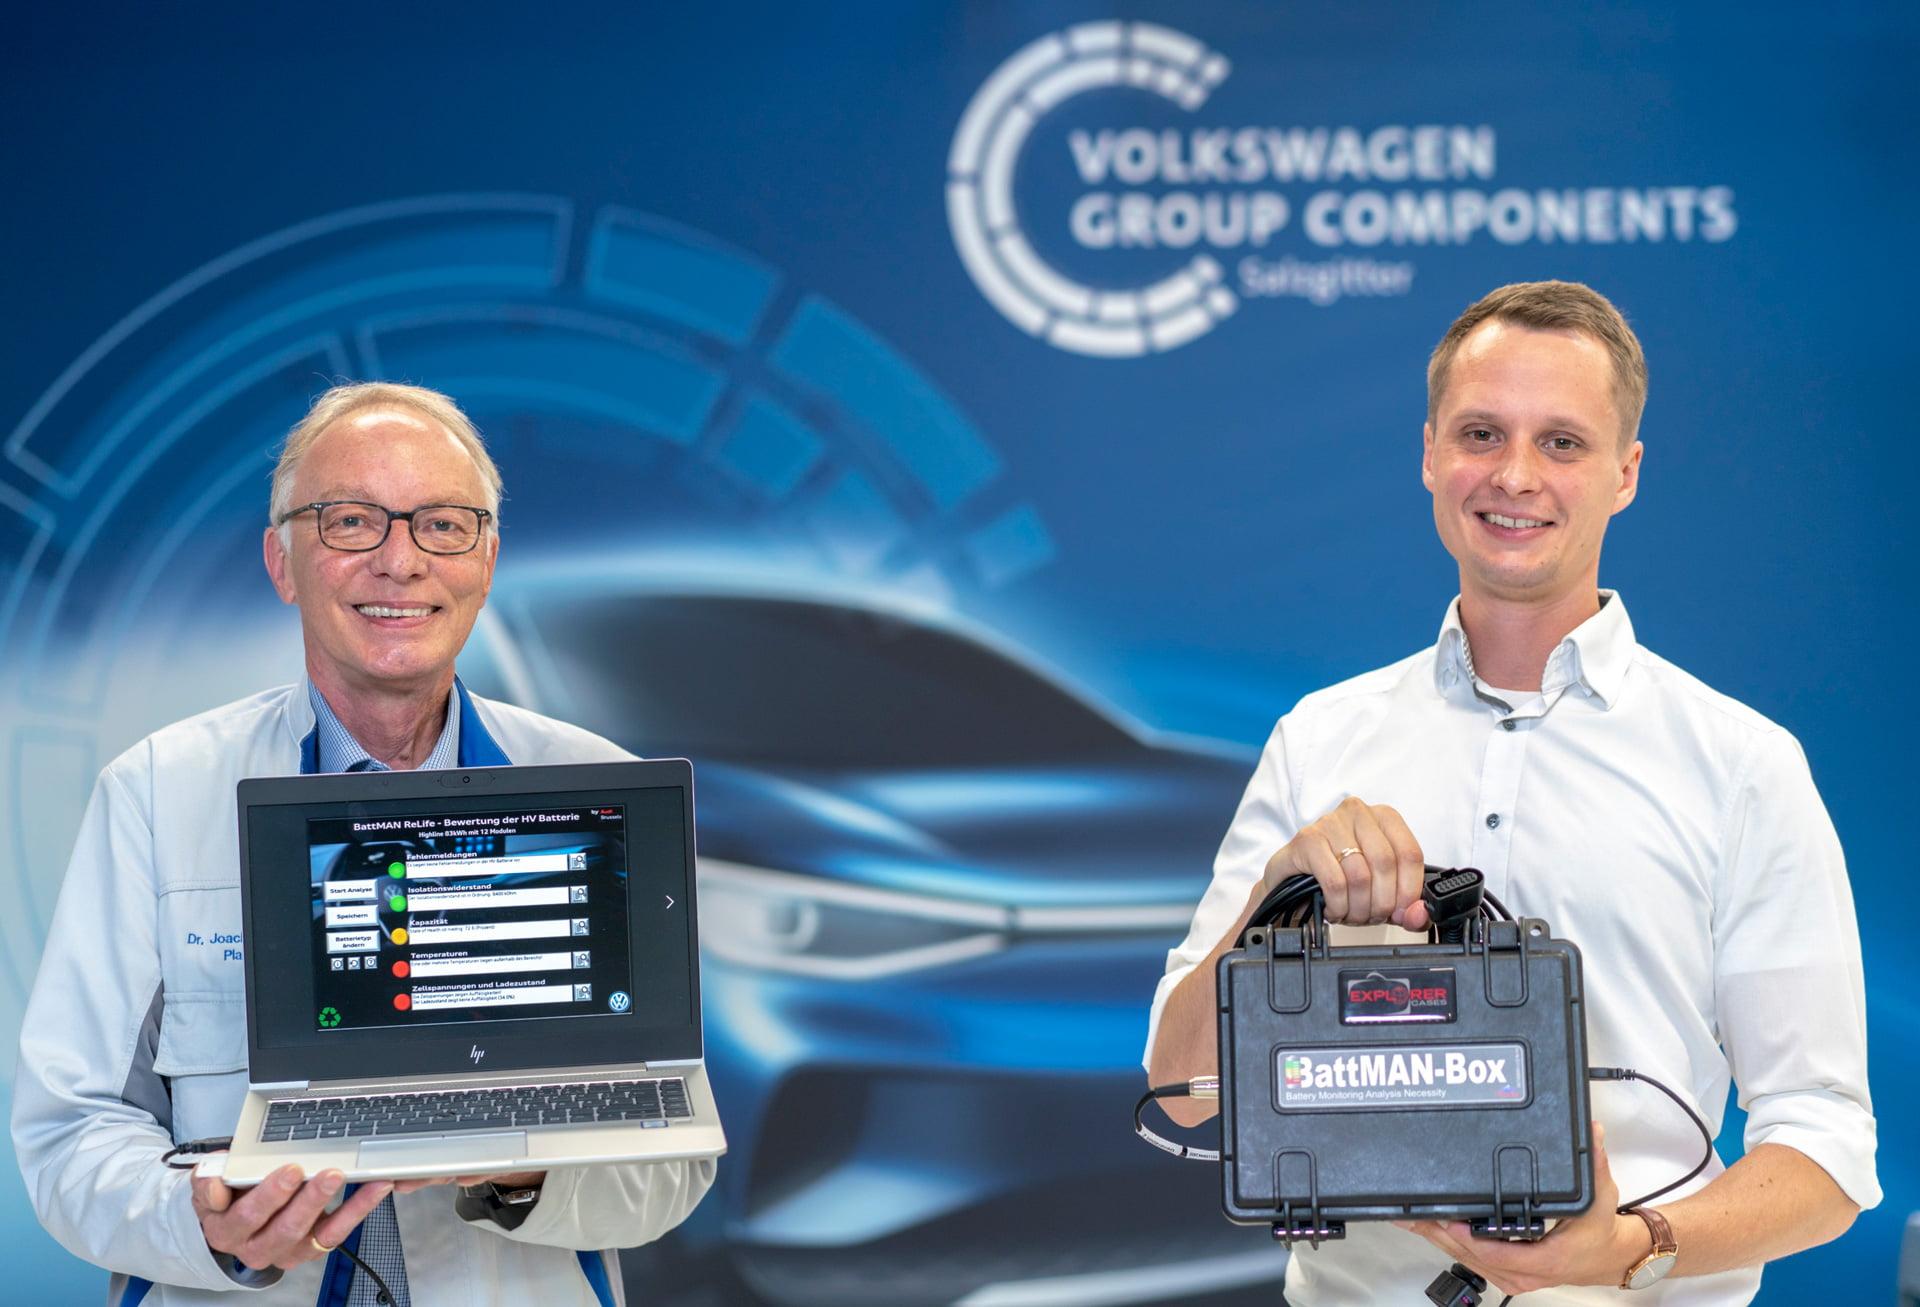 BattMAN ReLife es el nombre del nuevo sistema de evaluación del estado de las baterías de los coches eléctricos desarrollado por Audi Bruselas y Volkswagen Group Components.